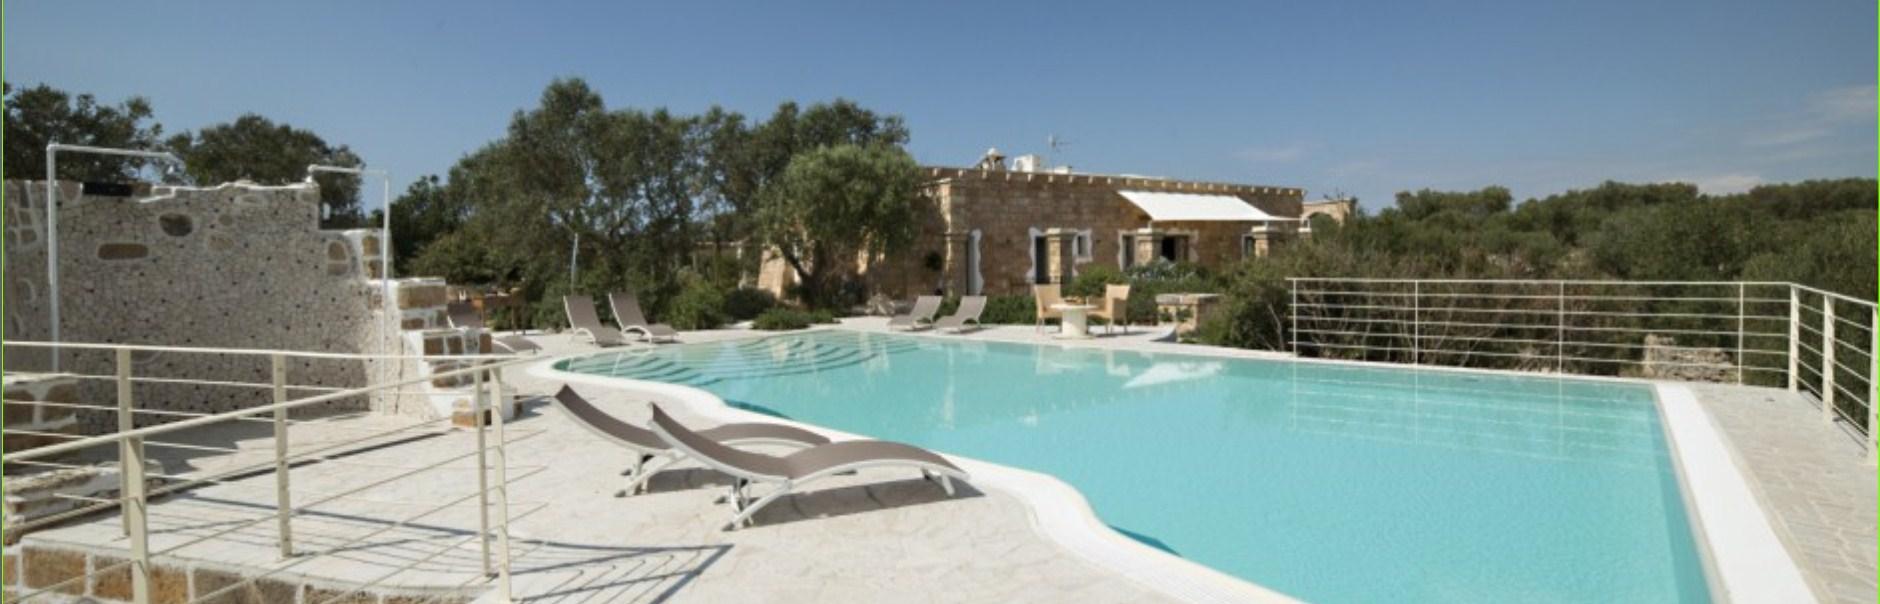 Villa Alto Mare 2 - Capilungo